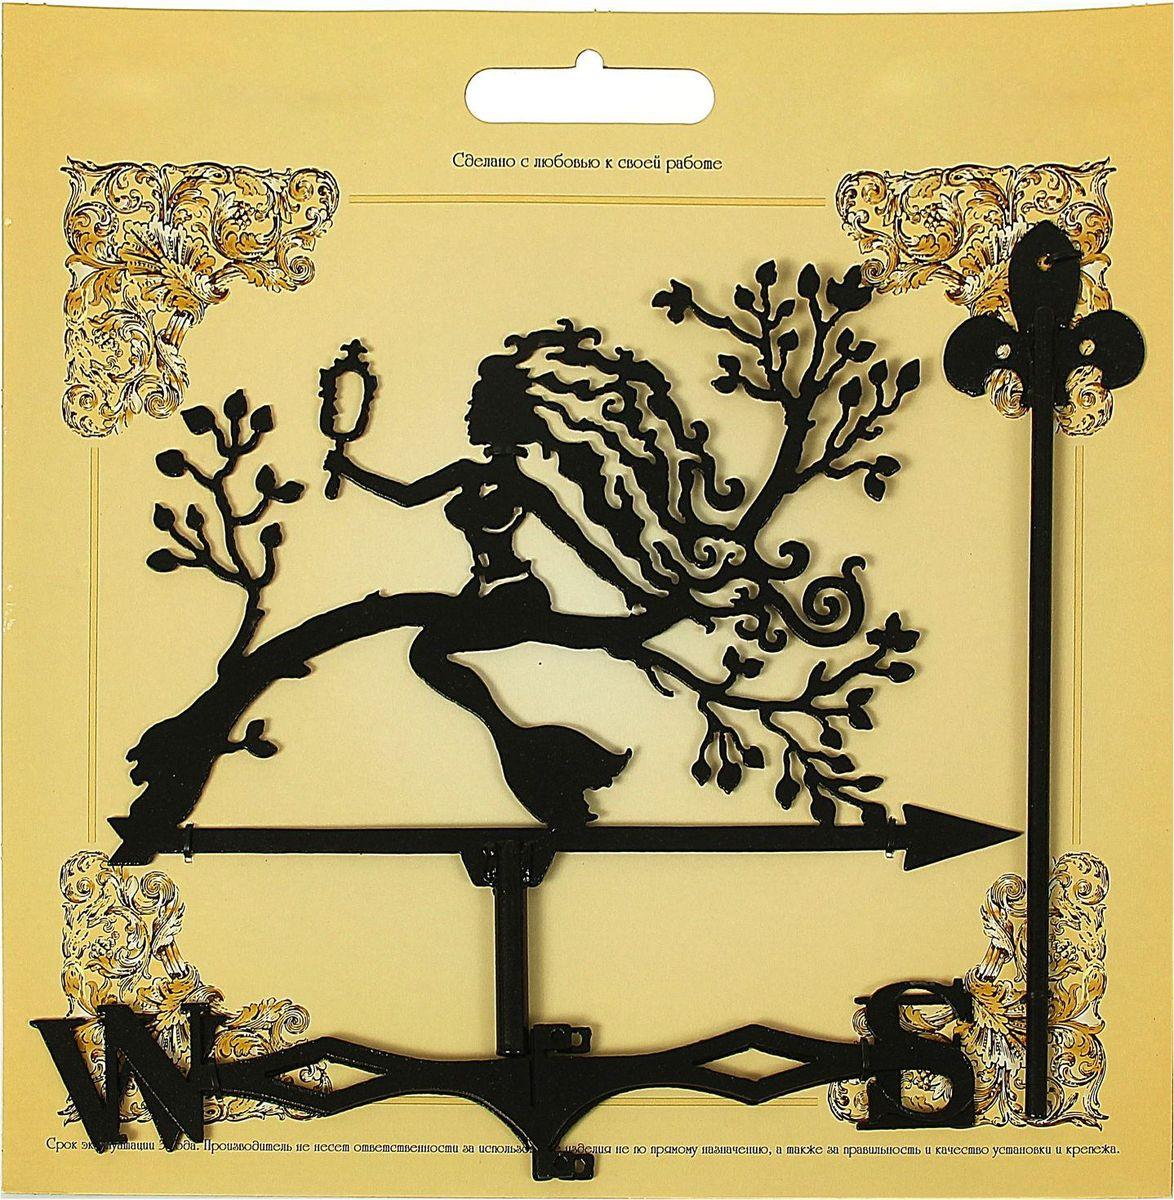 Флюгер Русалка на дереве, 30 х 40 см531-105Флюгер — это декоративный элемент и прибор, с помощью которого определяют направление ветра. Его устанавливают на самом высоком открытом месте: крышах зданий, беседках, башнях.Флюгер Русалка на дереве изготовлен из листового металла толщиной 1,5 мм, сверху обработан антикоррозийной краской.Изделие включает неподвижный шпиль, флажок и указатель сторон света.